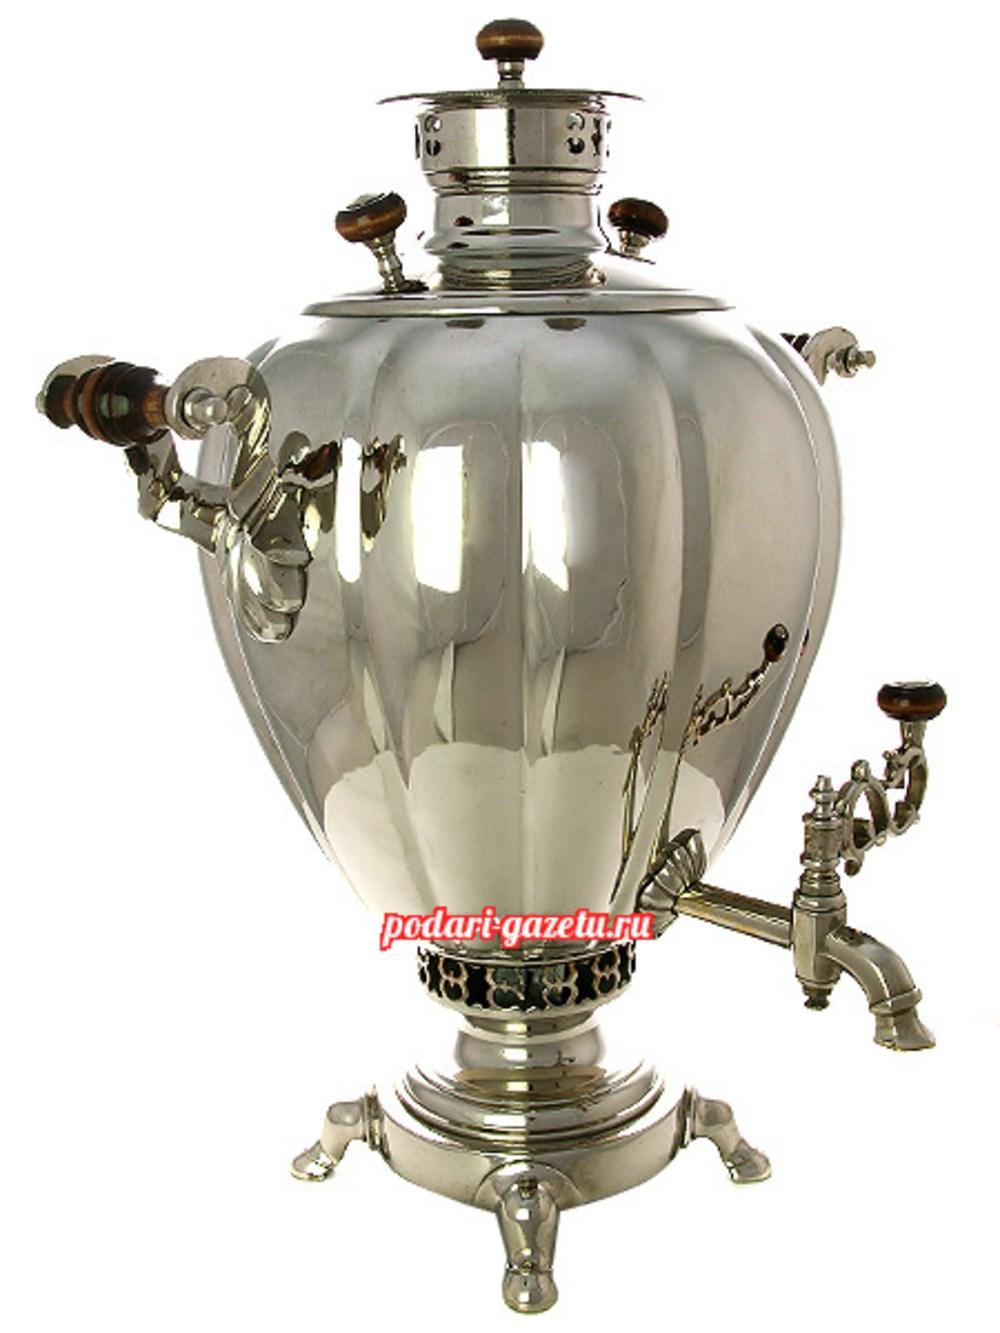 Угольный самовар (жаровой, дровяной) (7 литров) яйцо никелированный